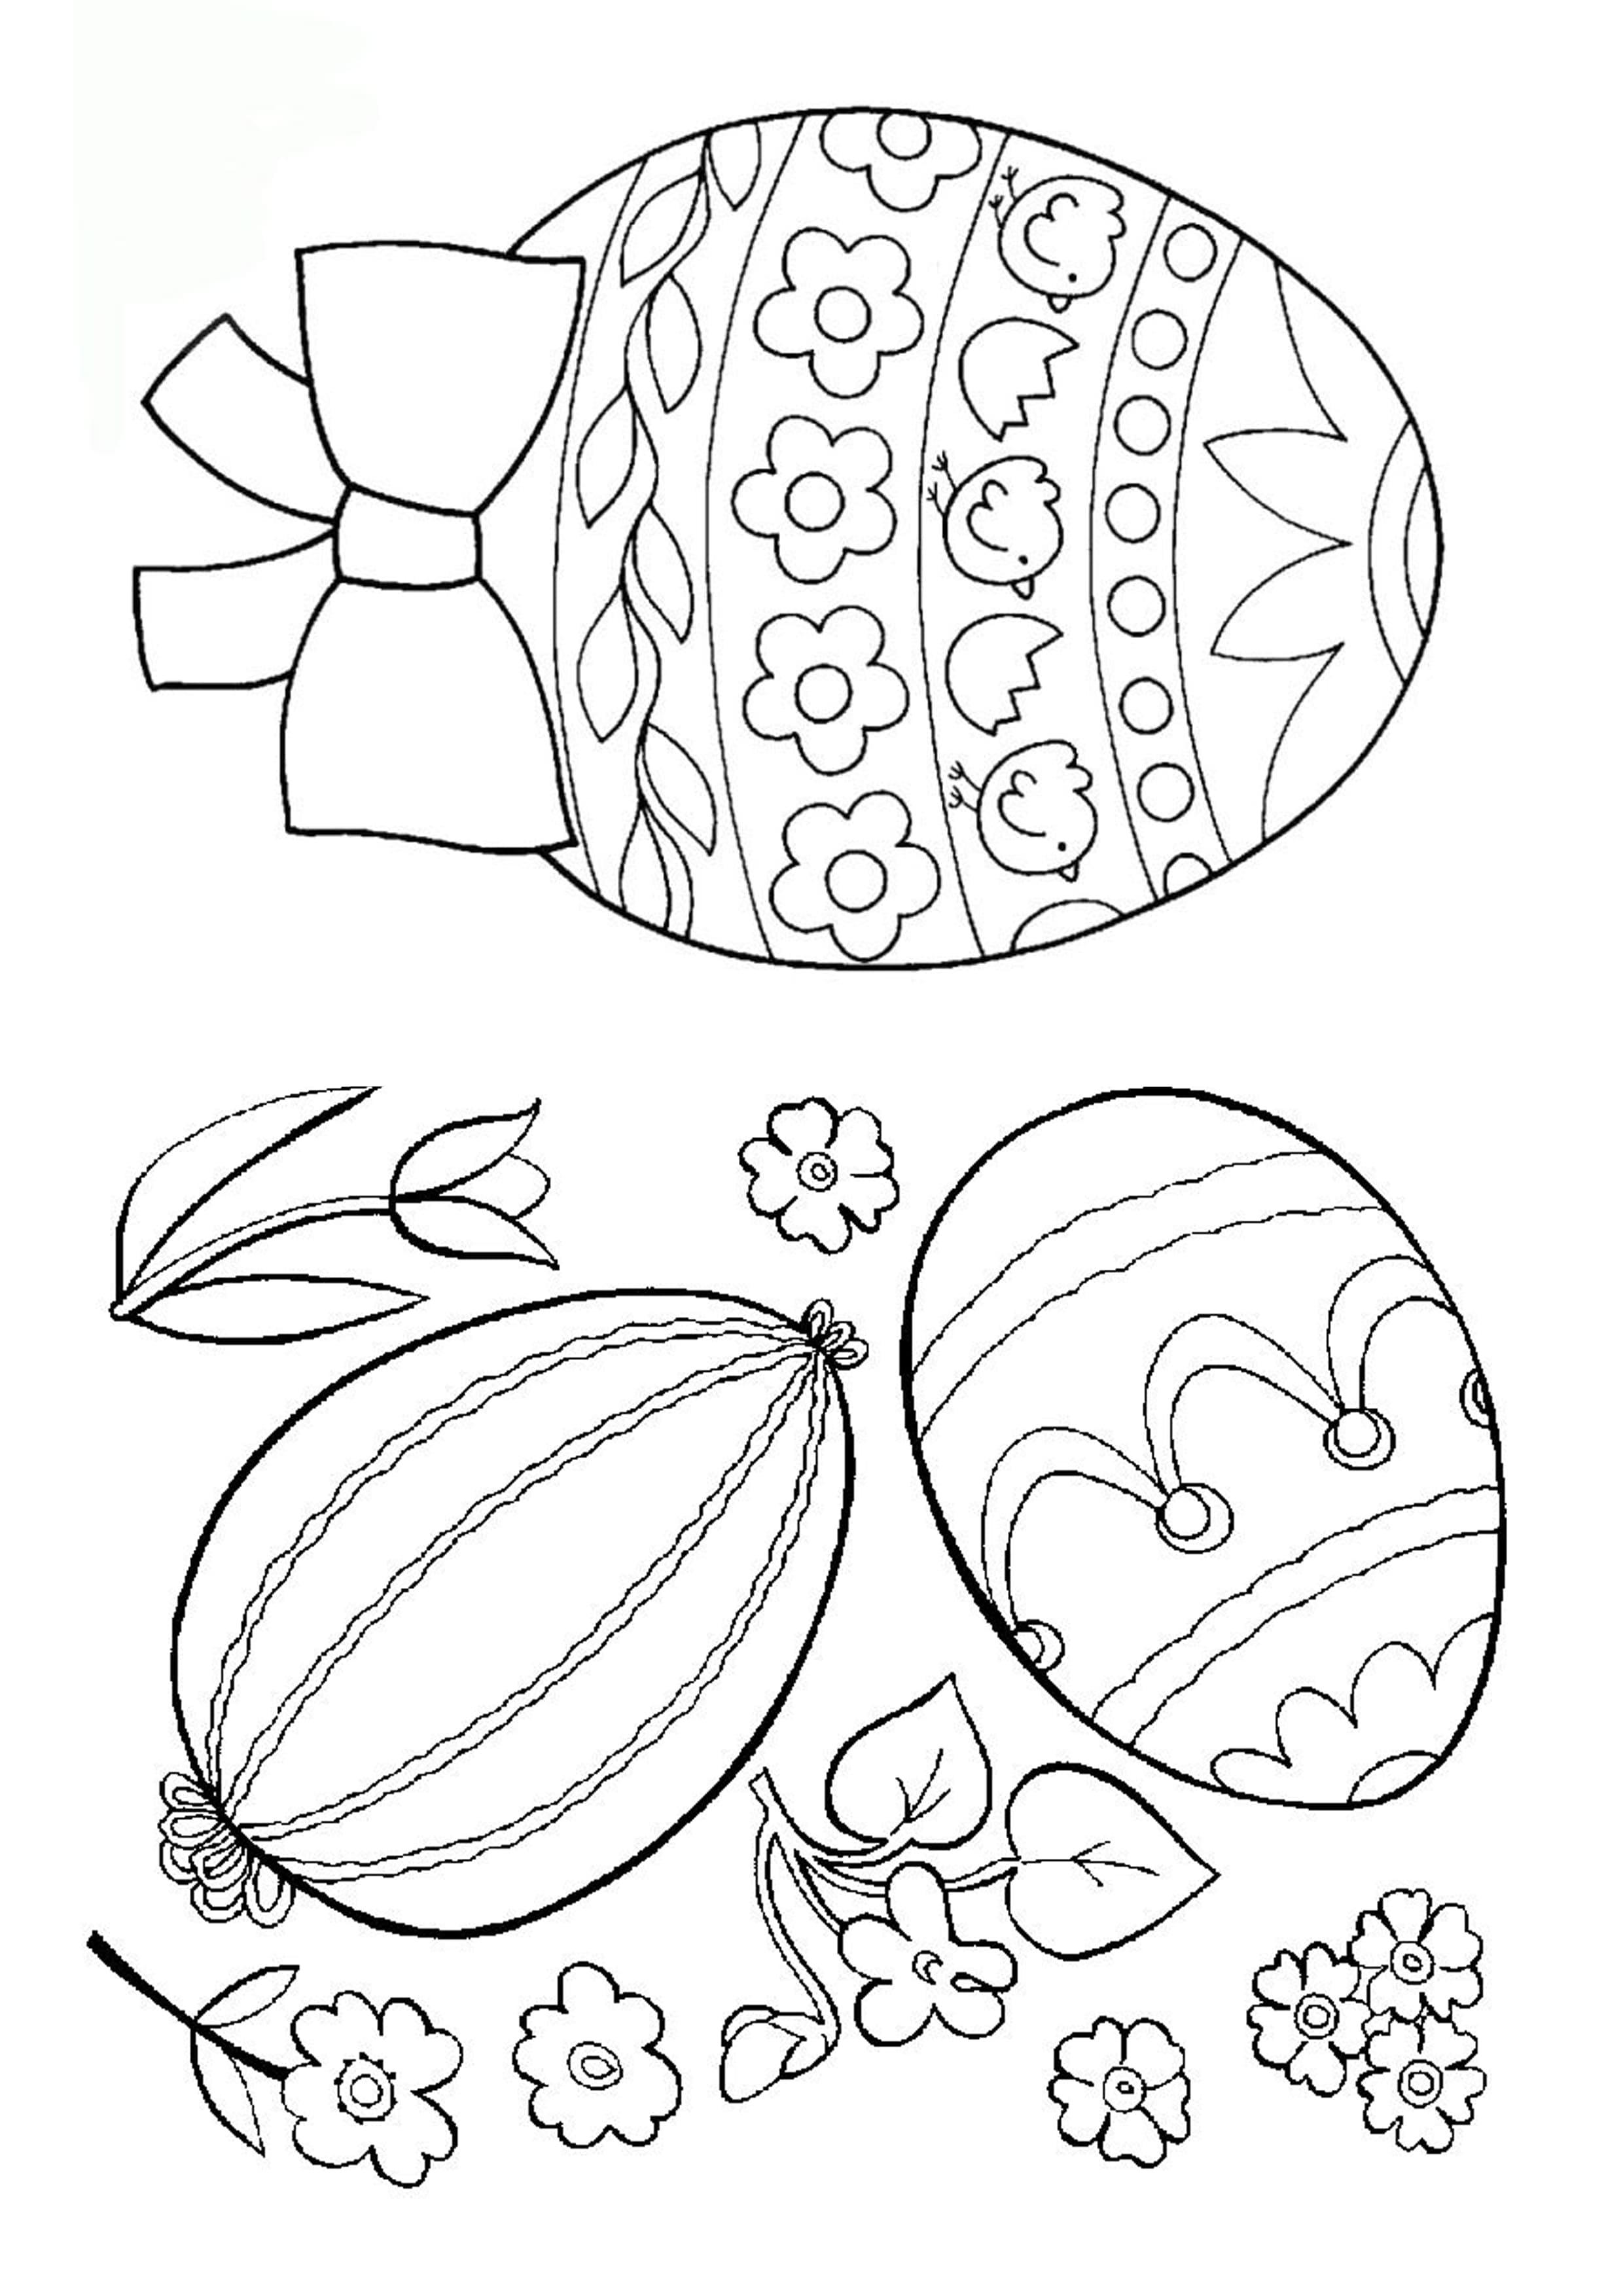 раскраски пасха распечатайте раскраски пасхальных яиц